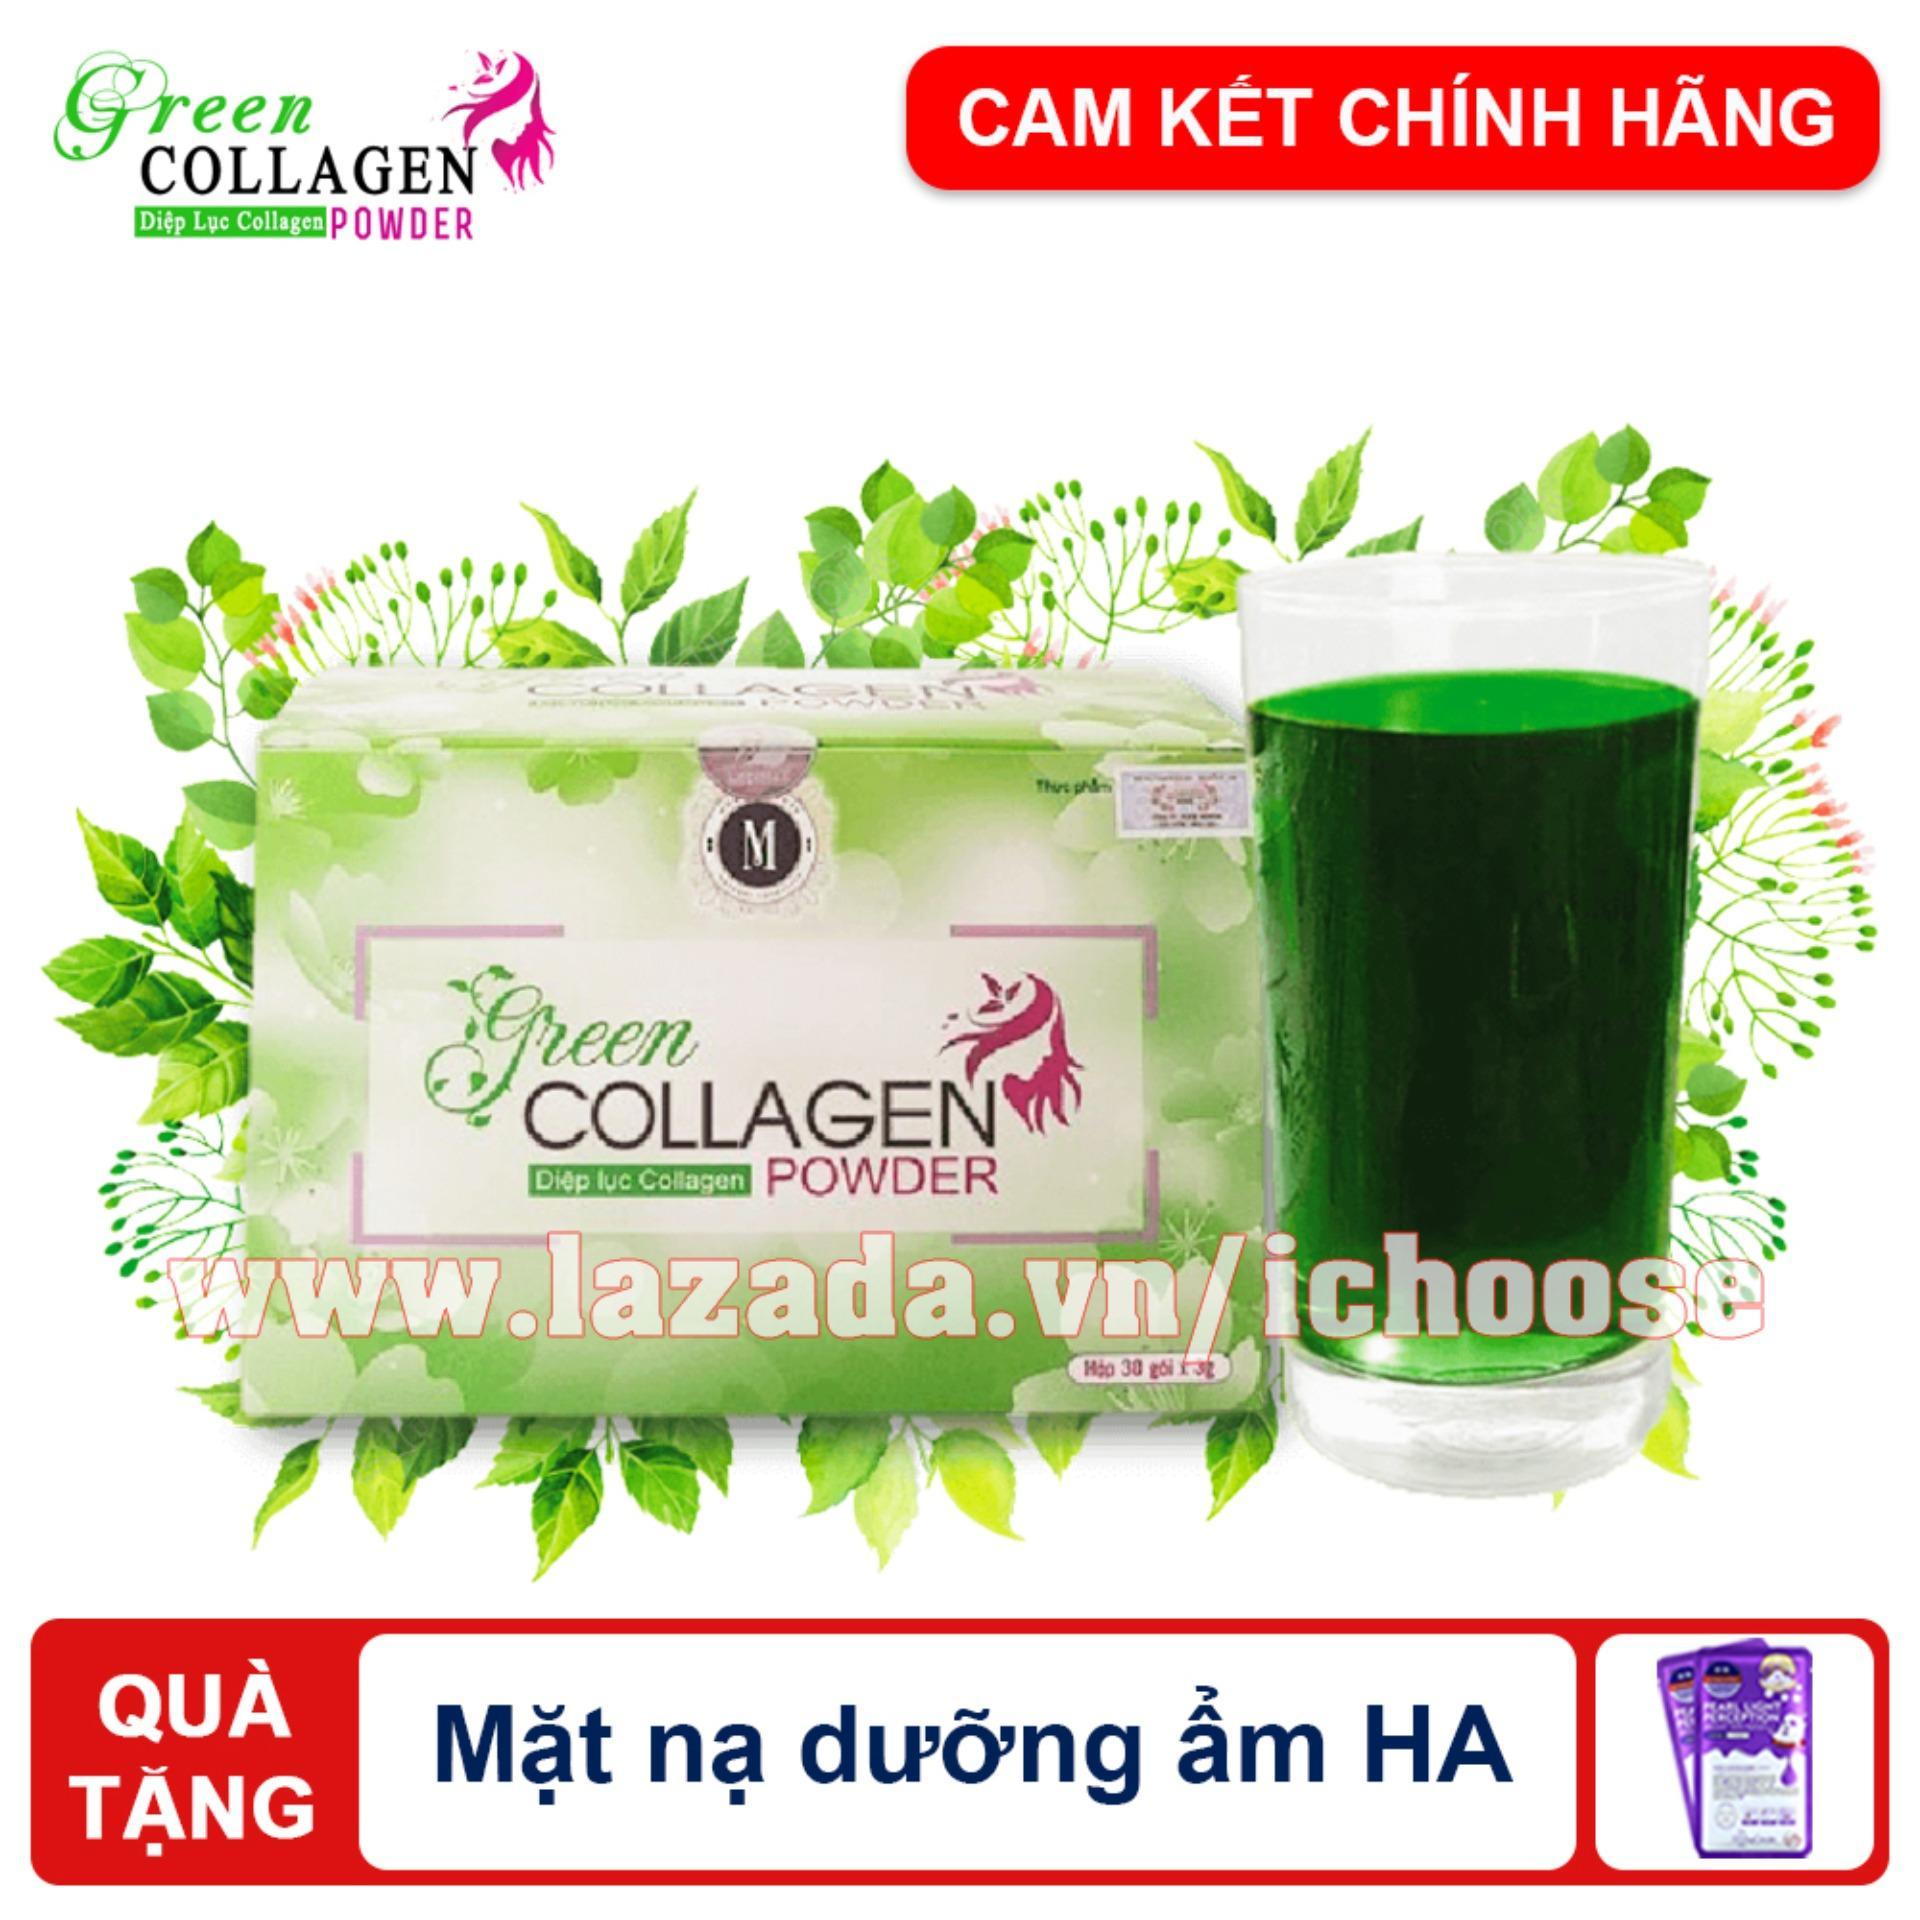 Diệp lục Collagen - Da đẹp, dáng thon, cải thiện sinh lý nữ - Tặng mặt nạ dưỡng ẩm